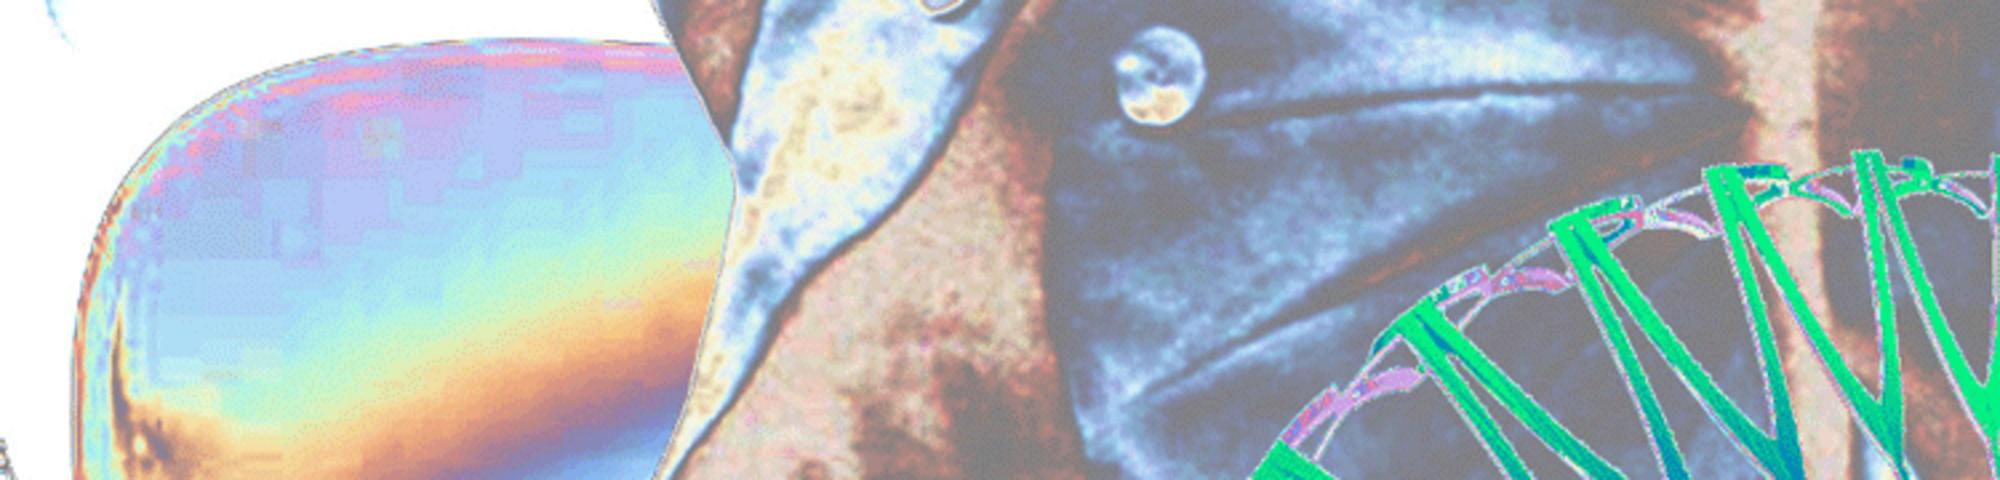 stefan-vidler-750×500